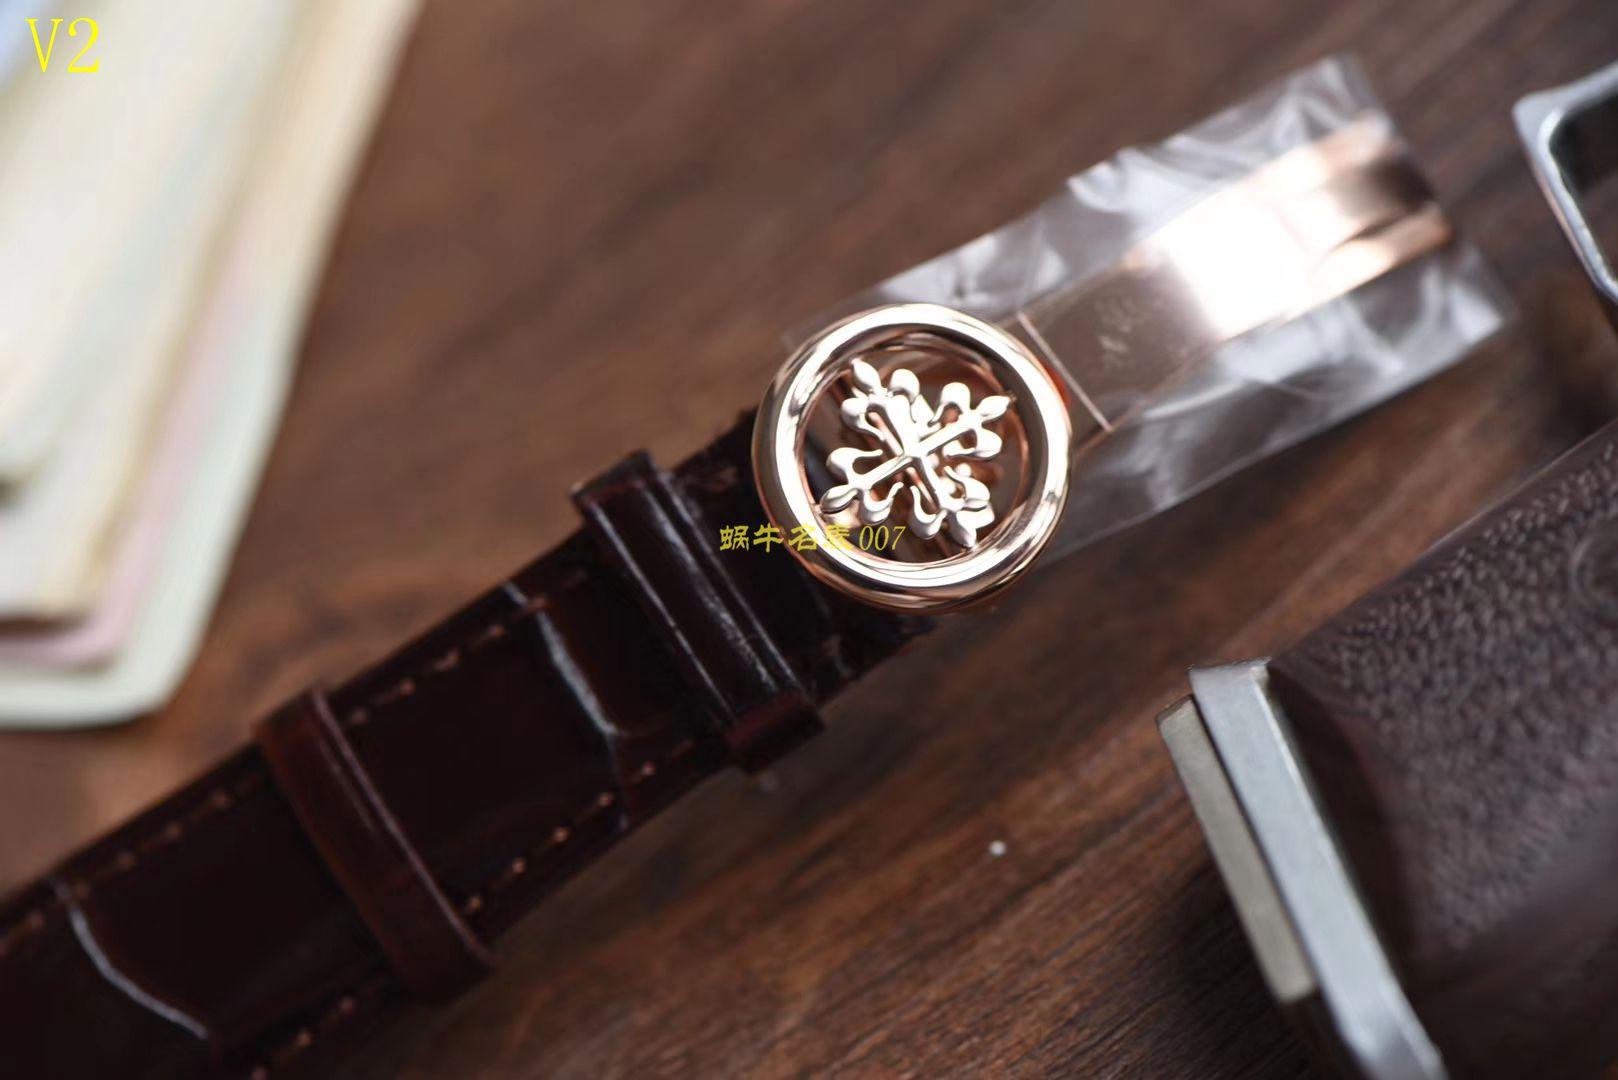 【台湾厂一比一超A高仿手表】百达翡丽复杂功能计时系列5396G 玫瑰金男表 / BD205